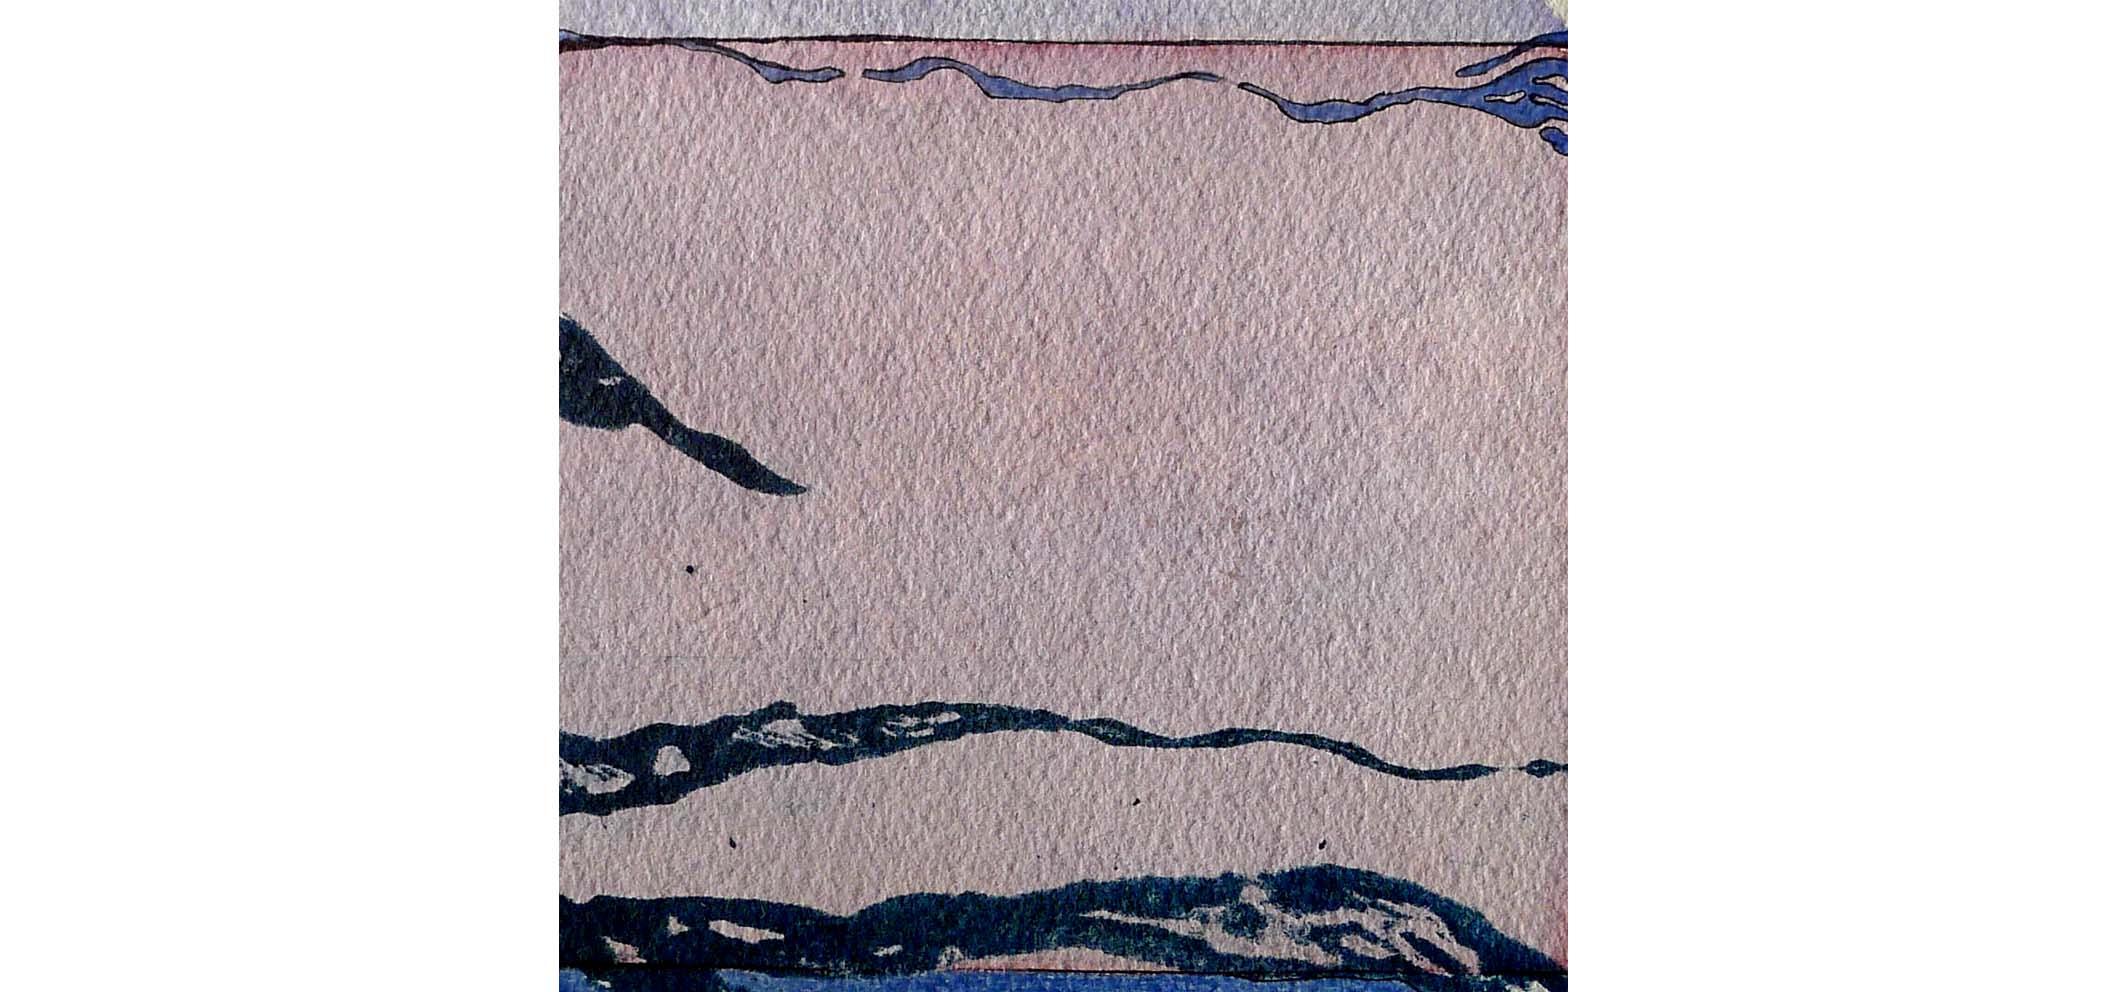 Golven II, 2013 (carborundumdruk, aquarel) 16cm x 16cm